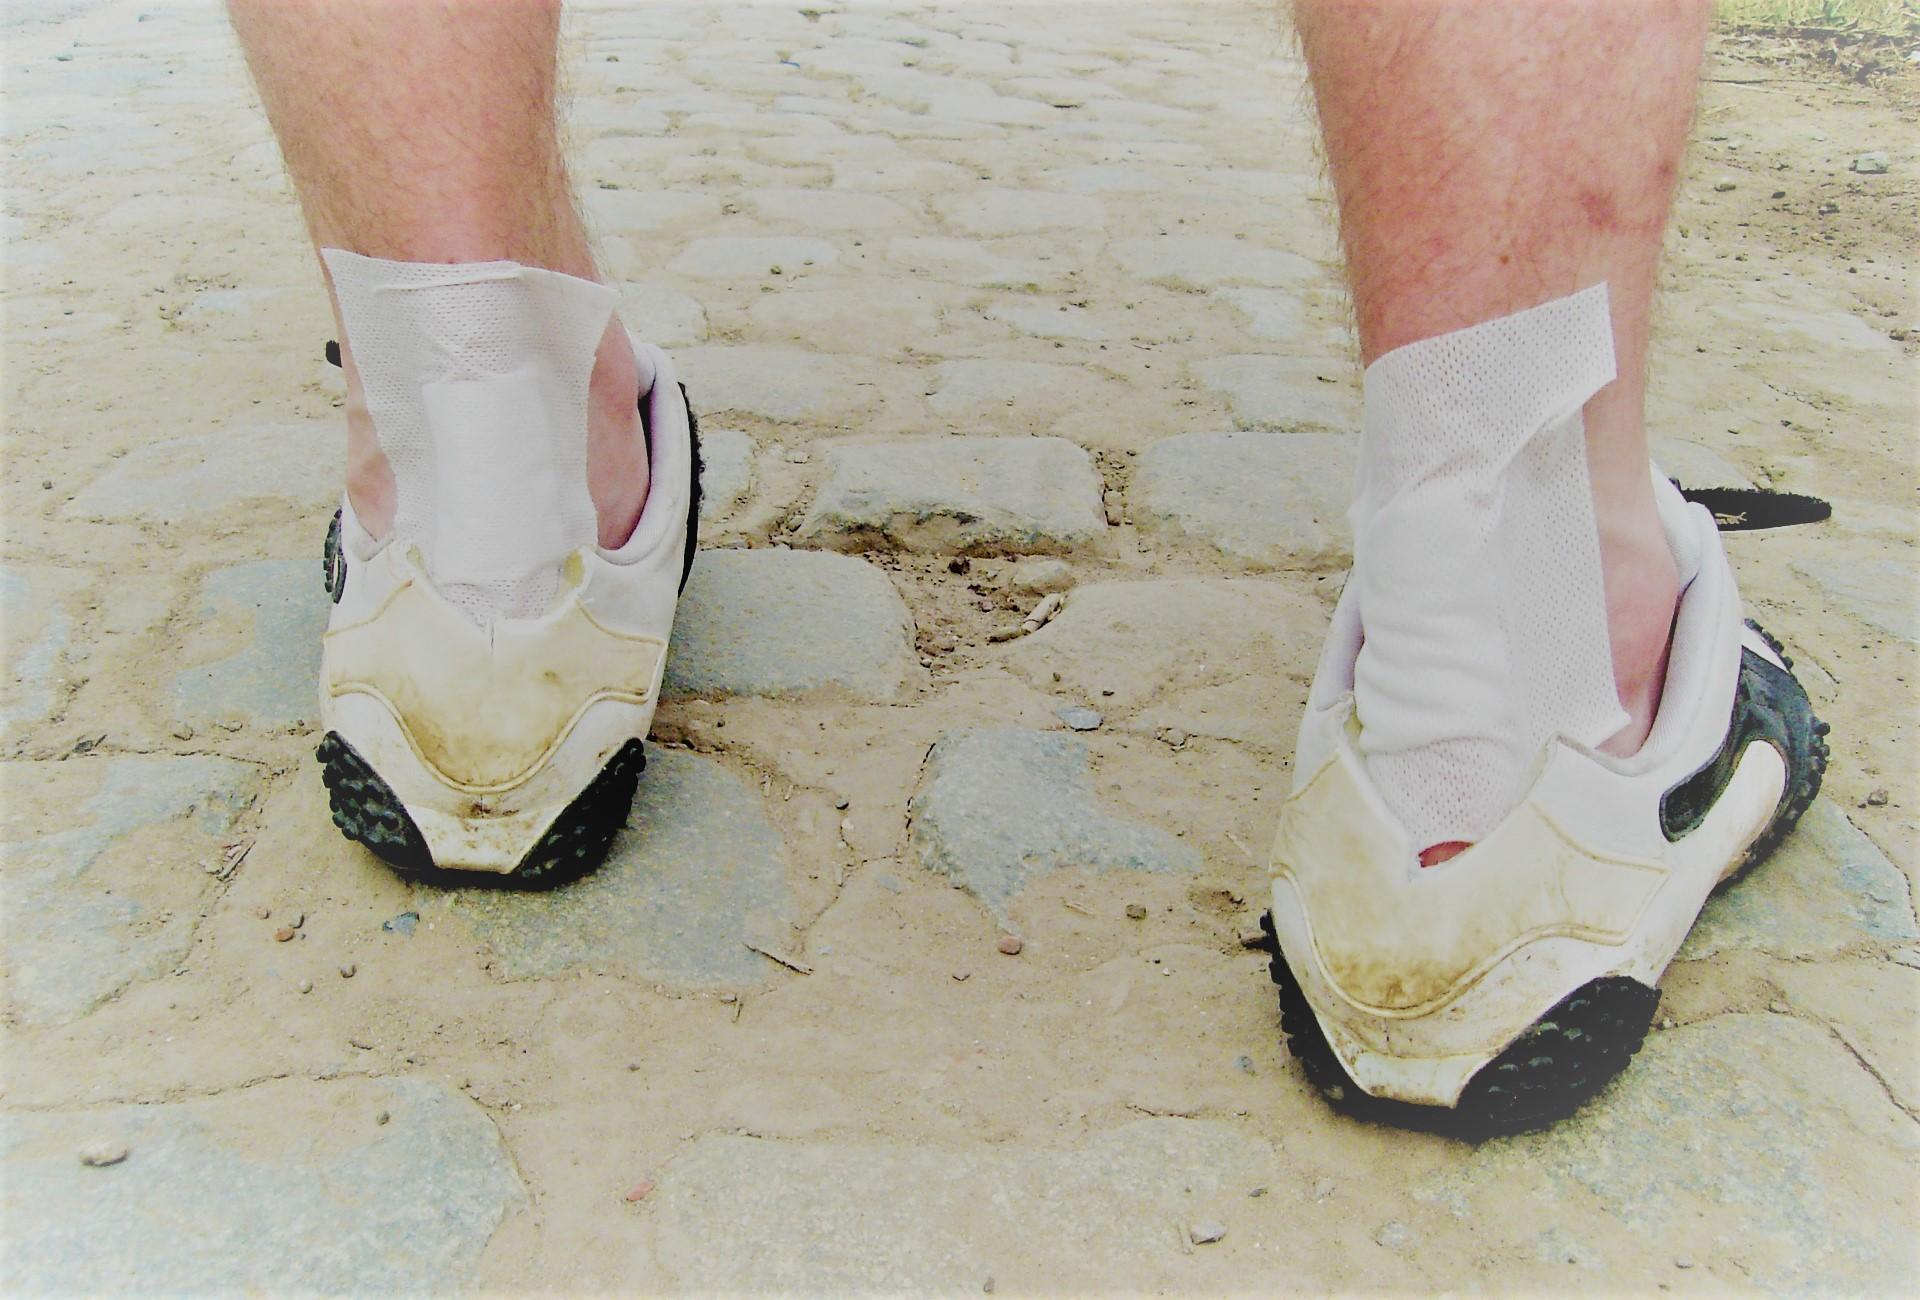 gyakorlatok lábízületi gyulladás kezelésére a vállízület fáj, ha a karok fel vannak emelve